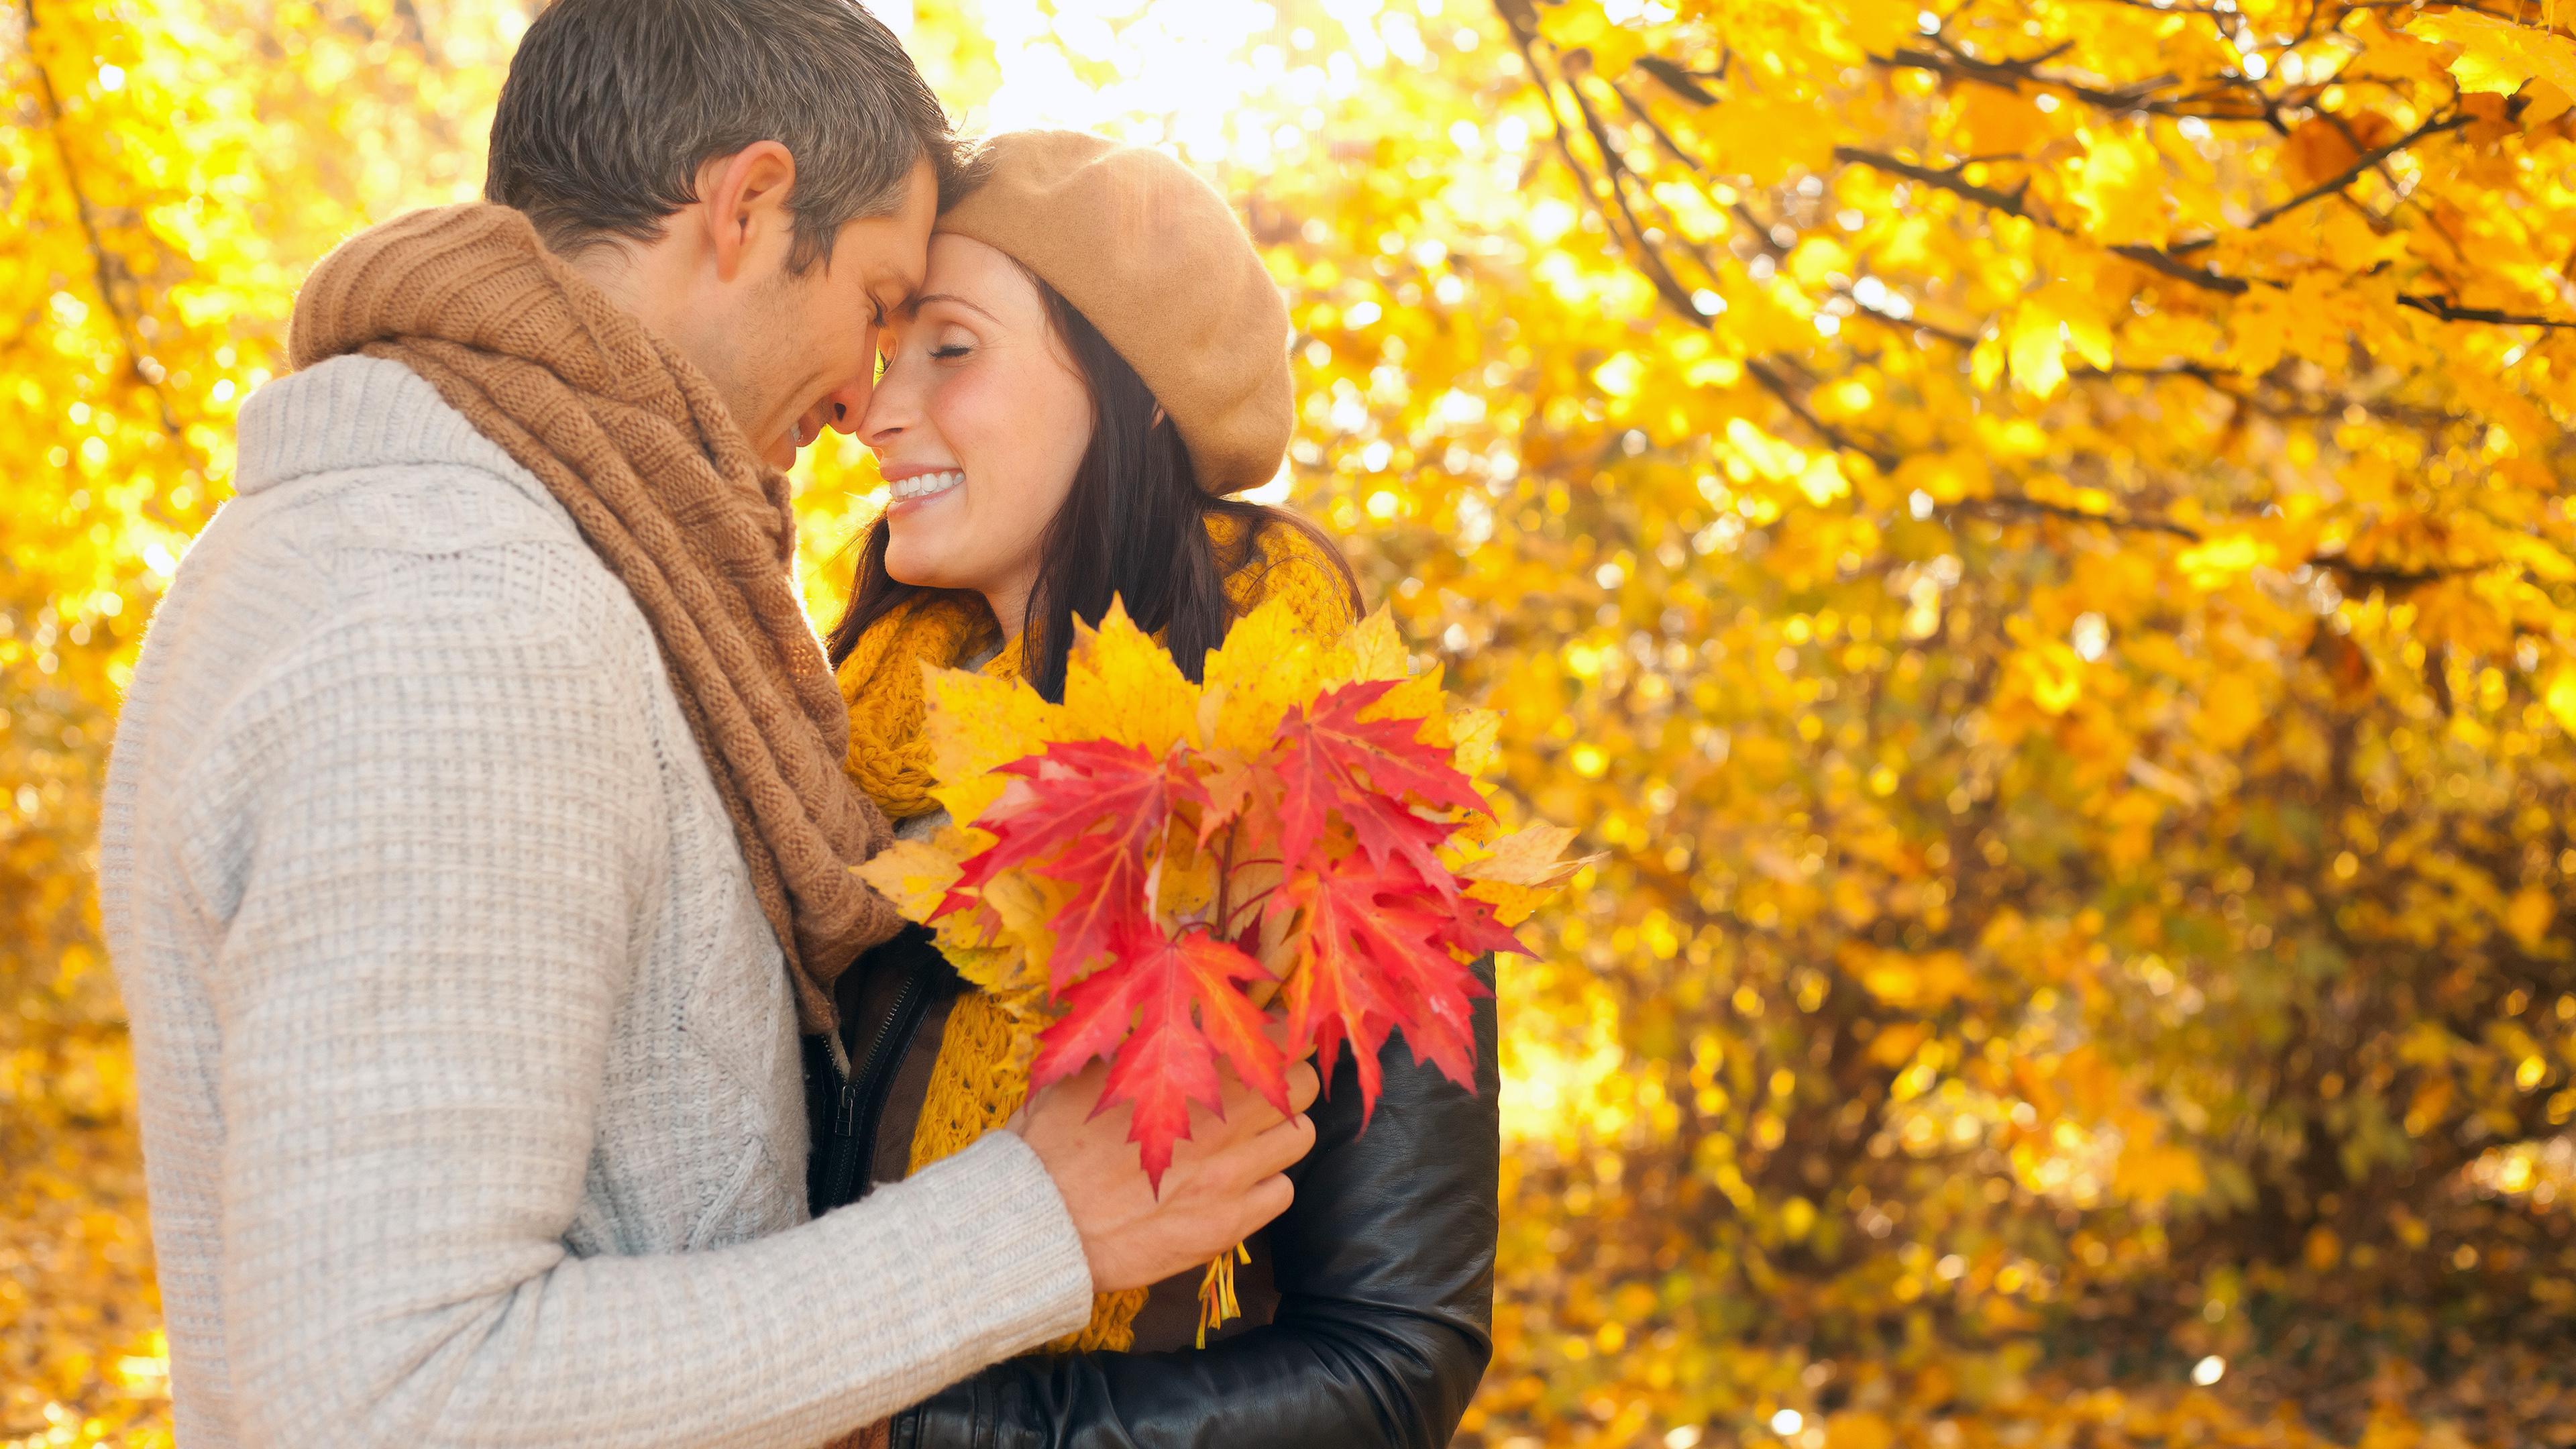 Картинка: Мужчина, женщина, пара, влюблённые, осень, листья, парк